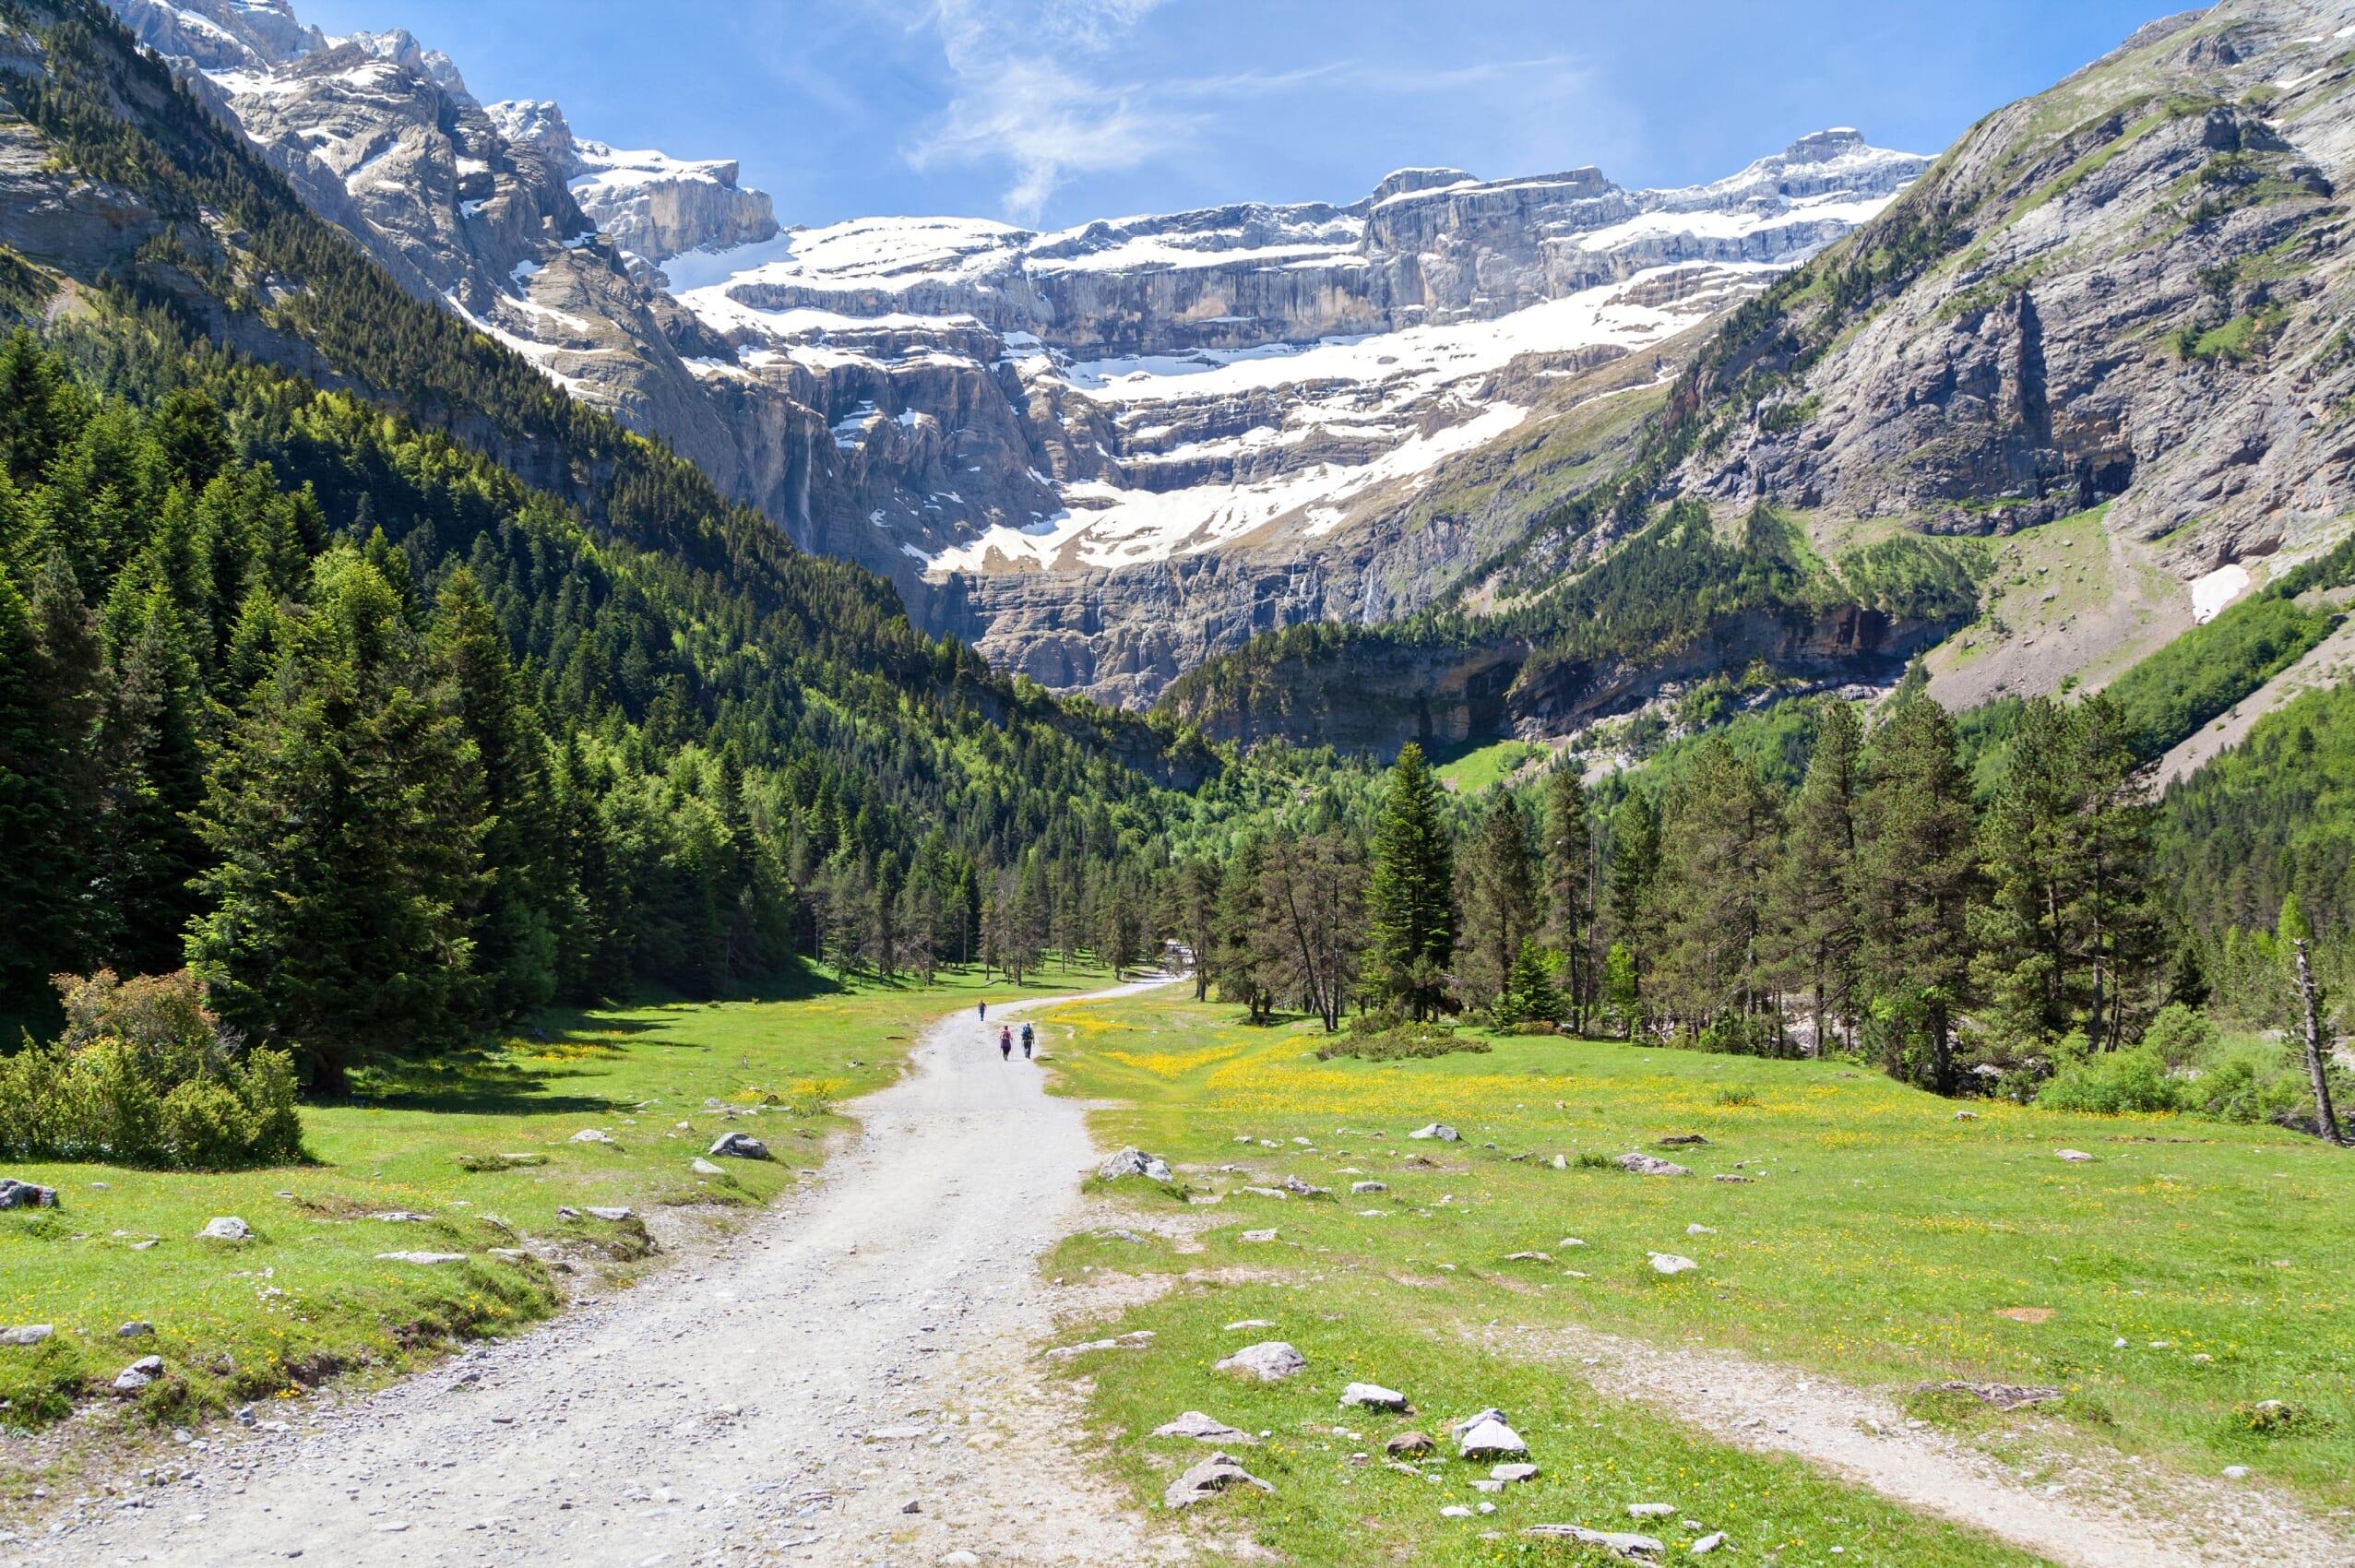 観光スポットであるピレネー山脈のガヴァルニー圏谷